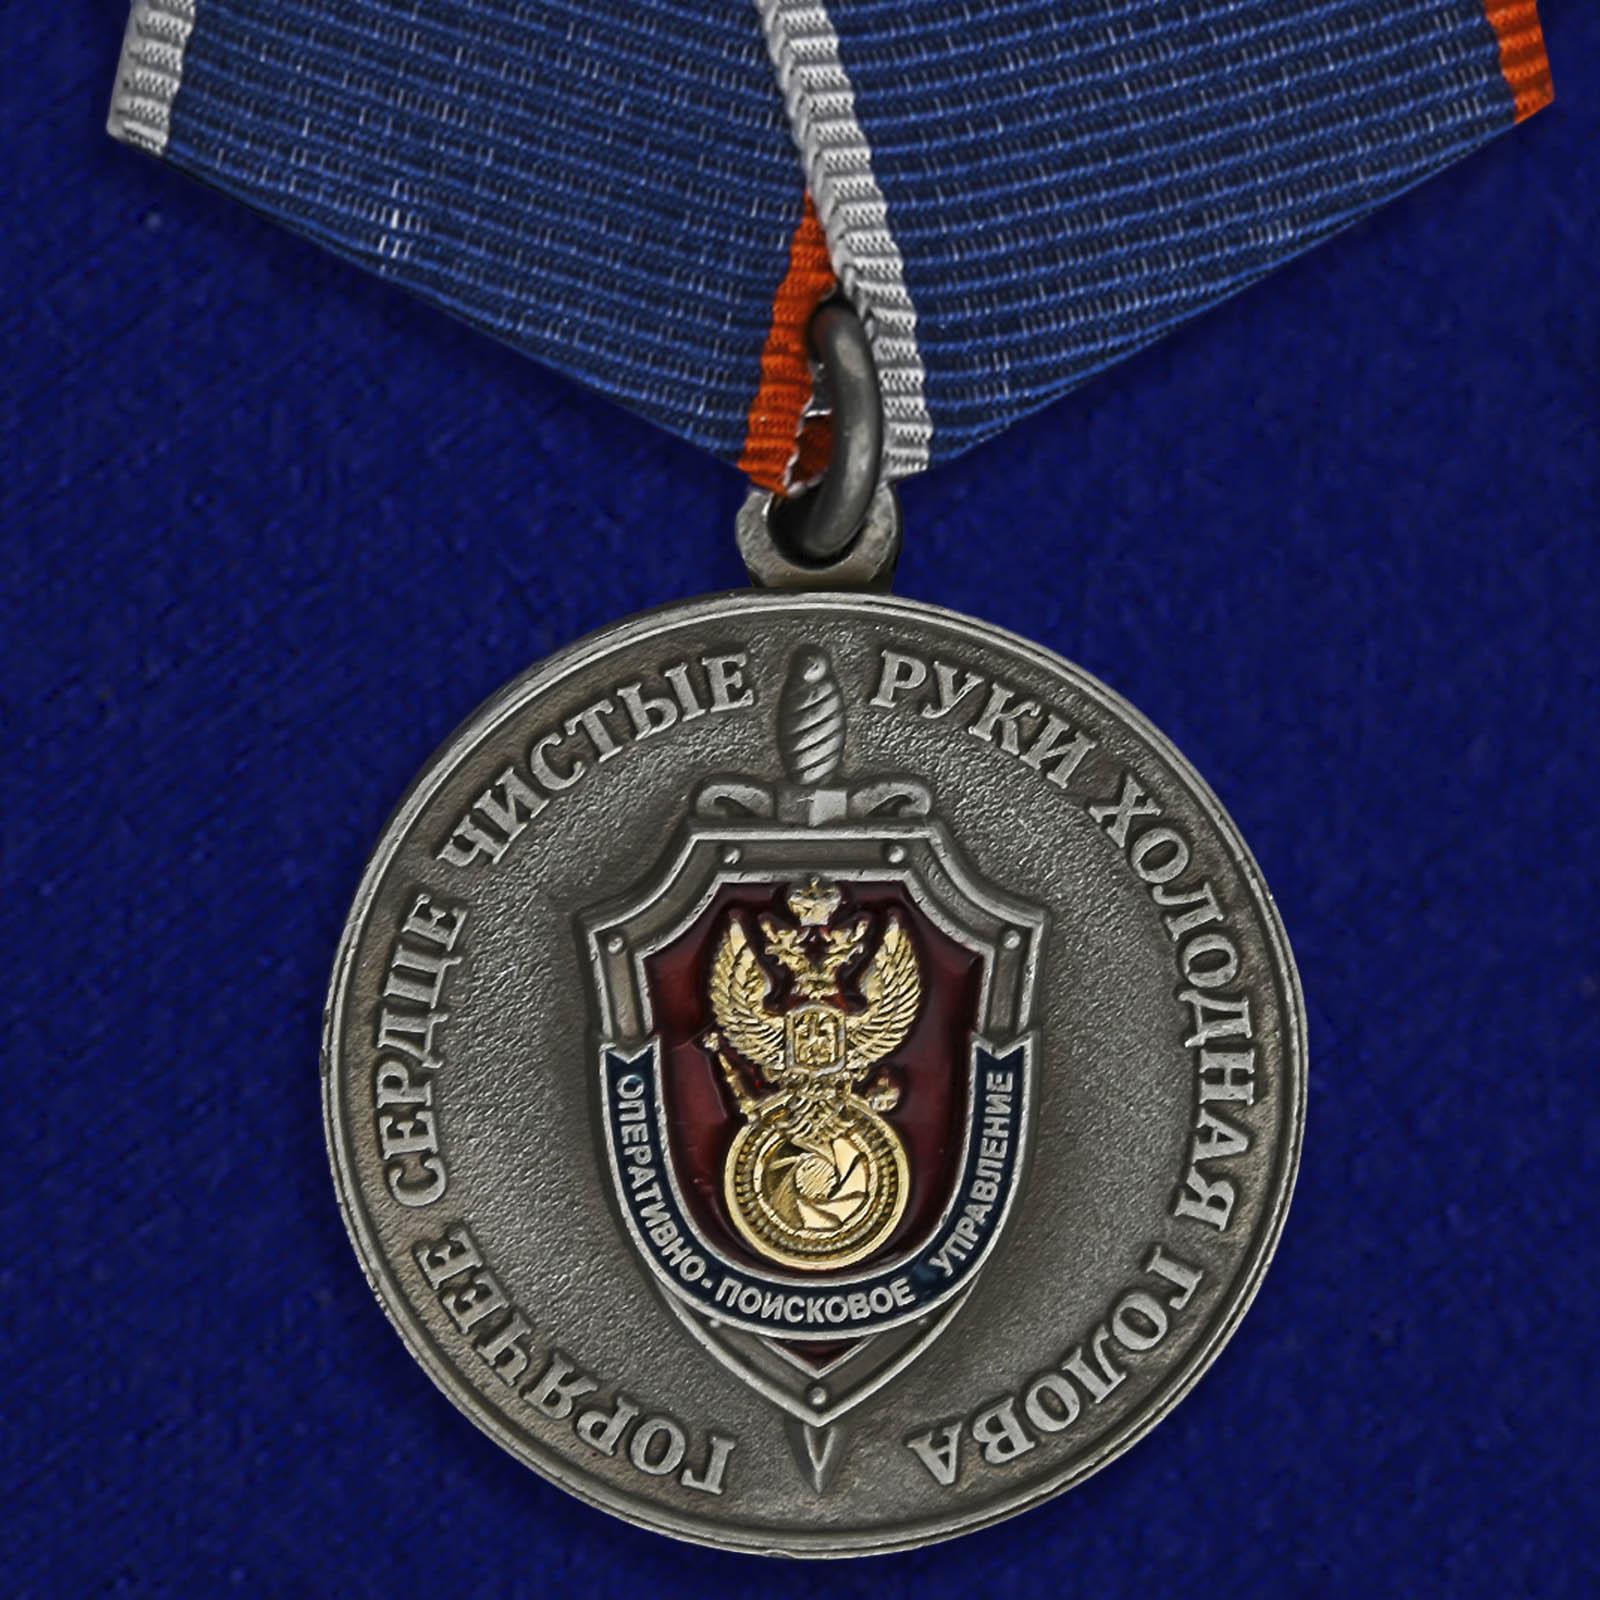 Купить медаль Оперативно-поисковое управление ФСБ России на подставке выгодно